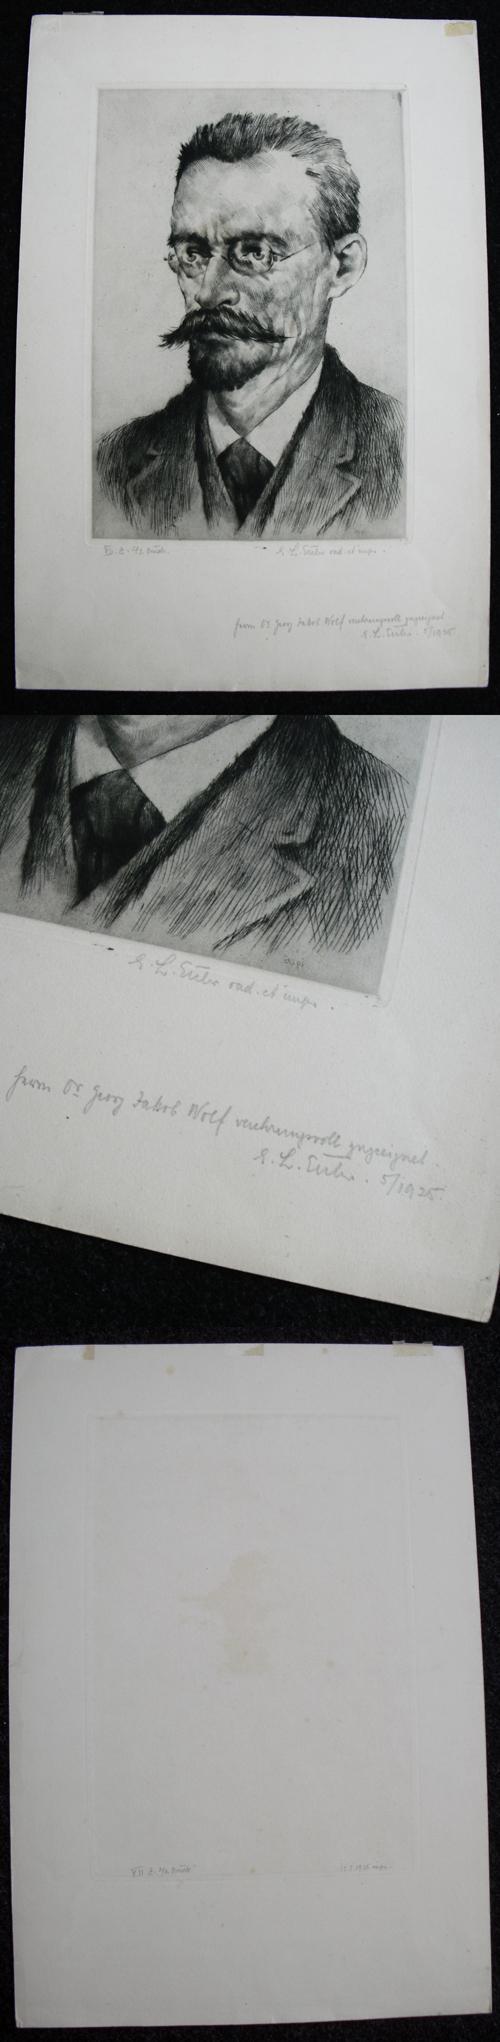 Emil Ludwig Euler - Männliches Portrait. Radierung, 1925. (Dr. Georg Jakob Wolf) kopen? Bied vanaf 120!